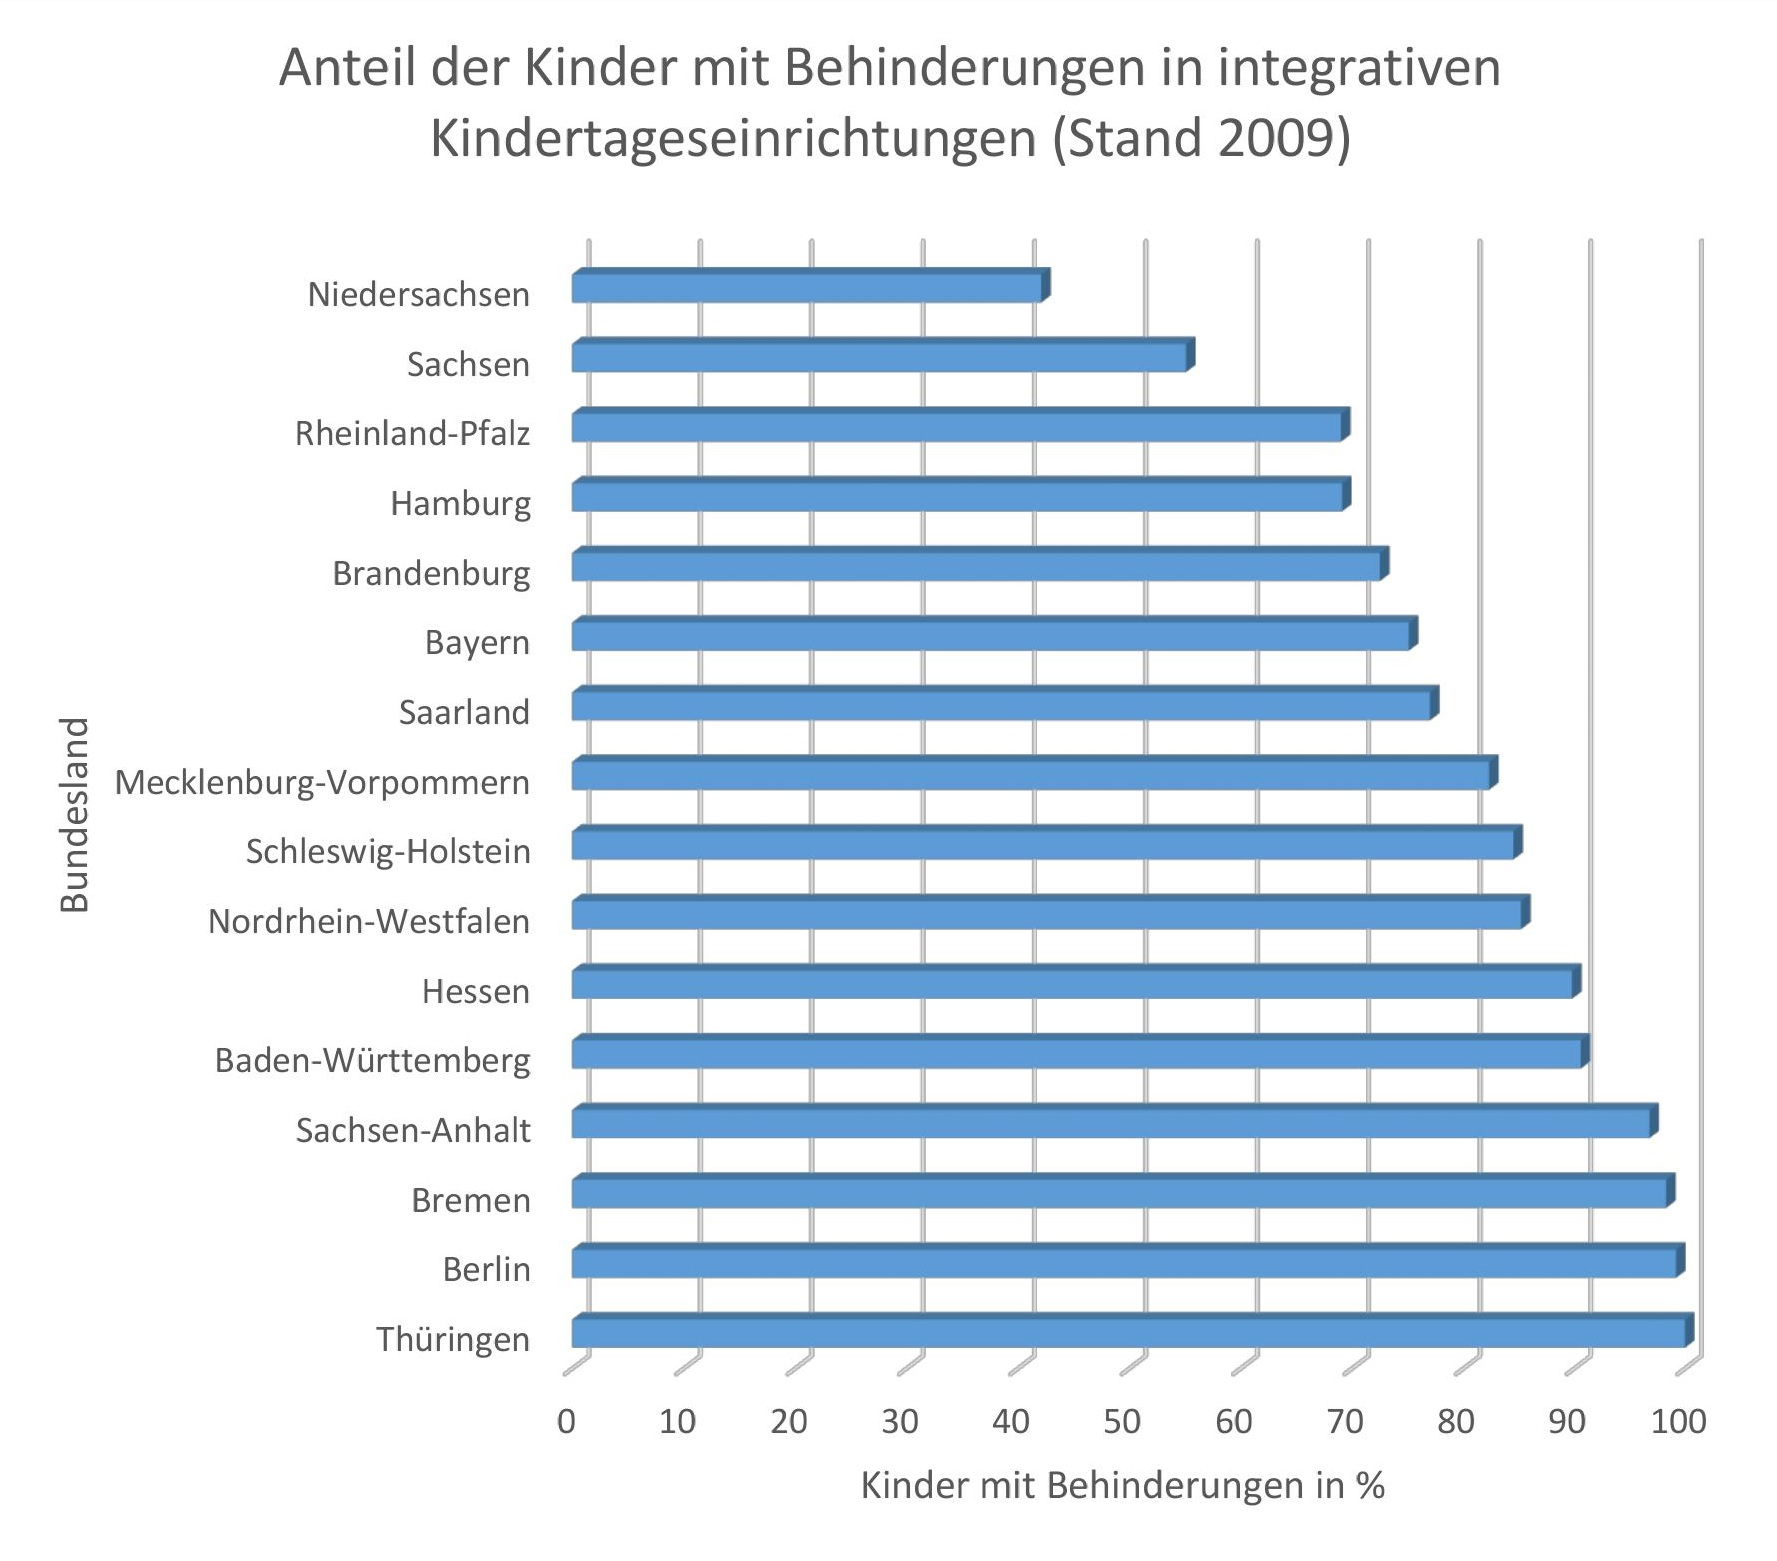 Anteile der Kinder mit Behinderungen in integrativen Kindertageseinrichtungen